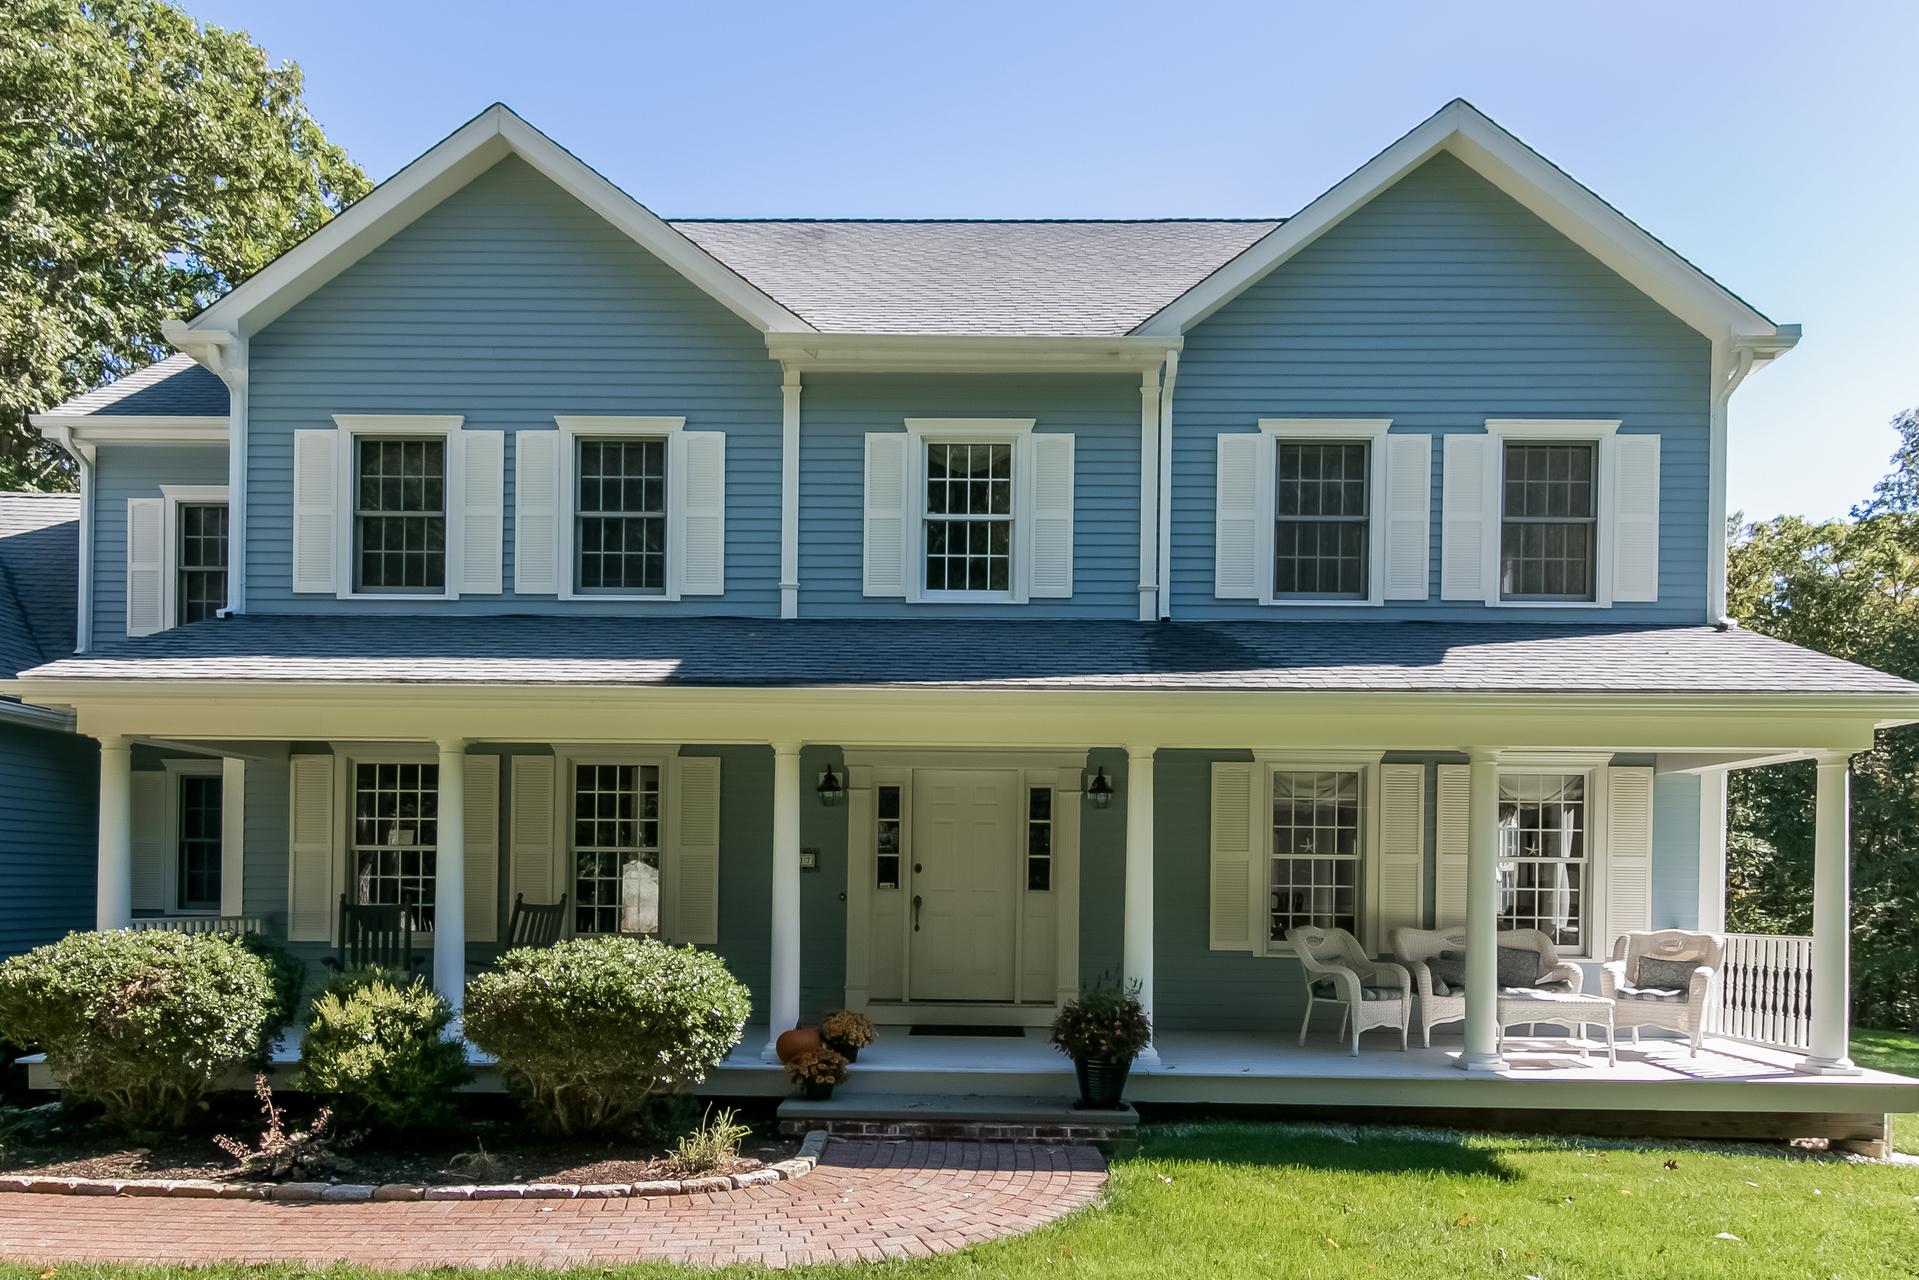 Casa Unifamiliar por un Venta en 17 Kachina Way Madison, Connecticut, 06443 Estados Unidos